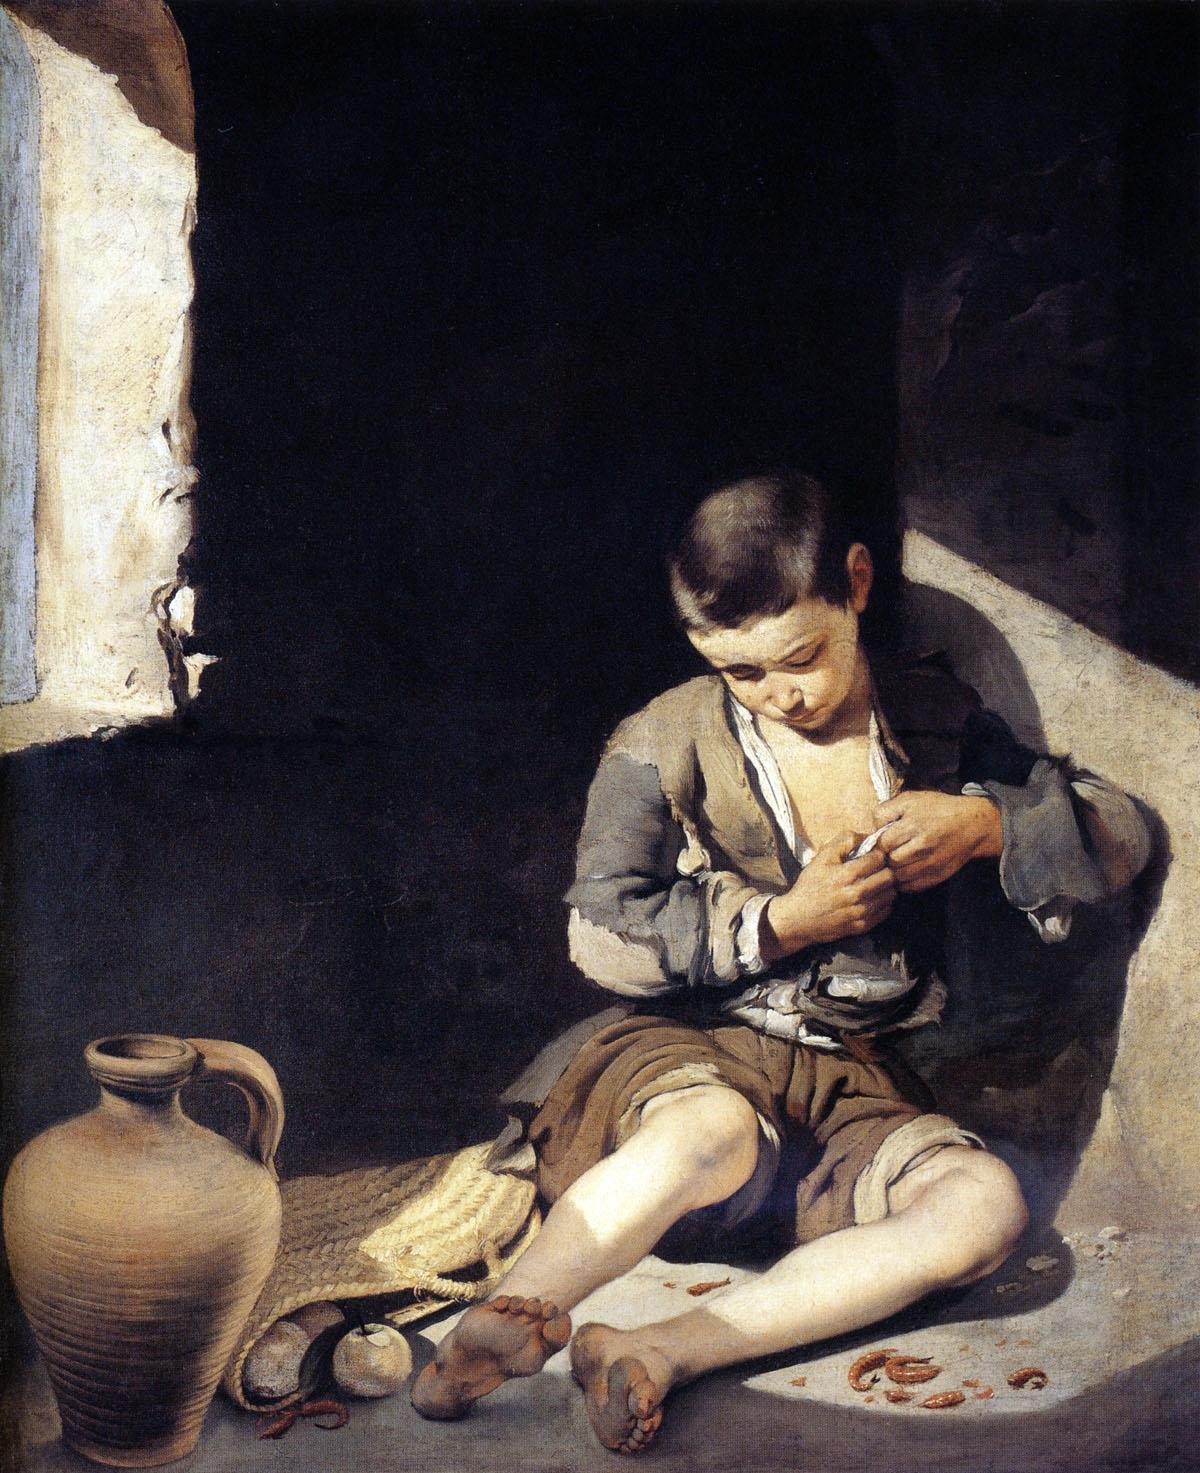 Le jeune mendiant peint par Bartolomé Esteban Murillo